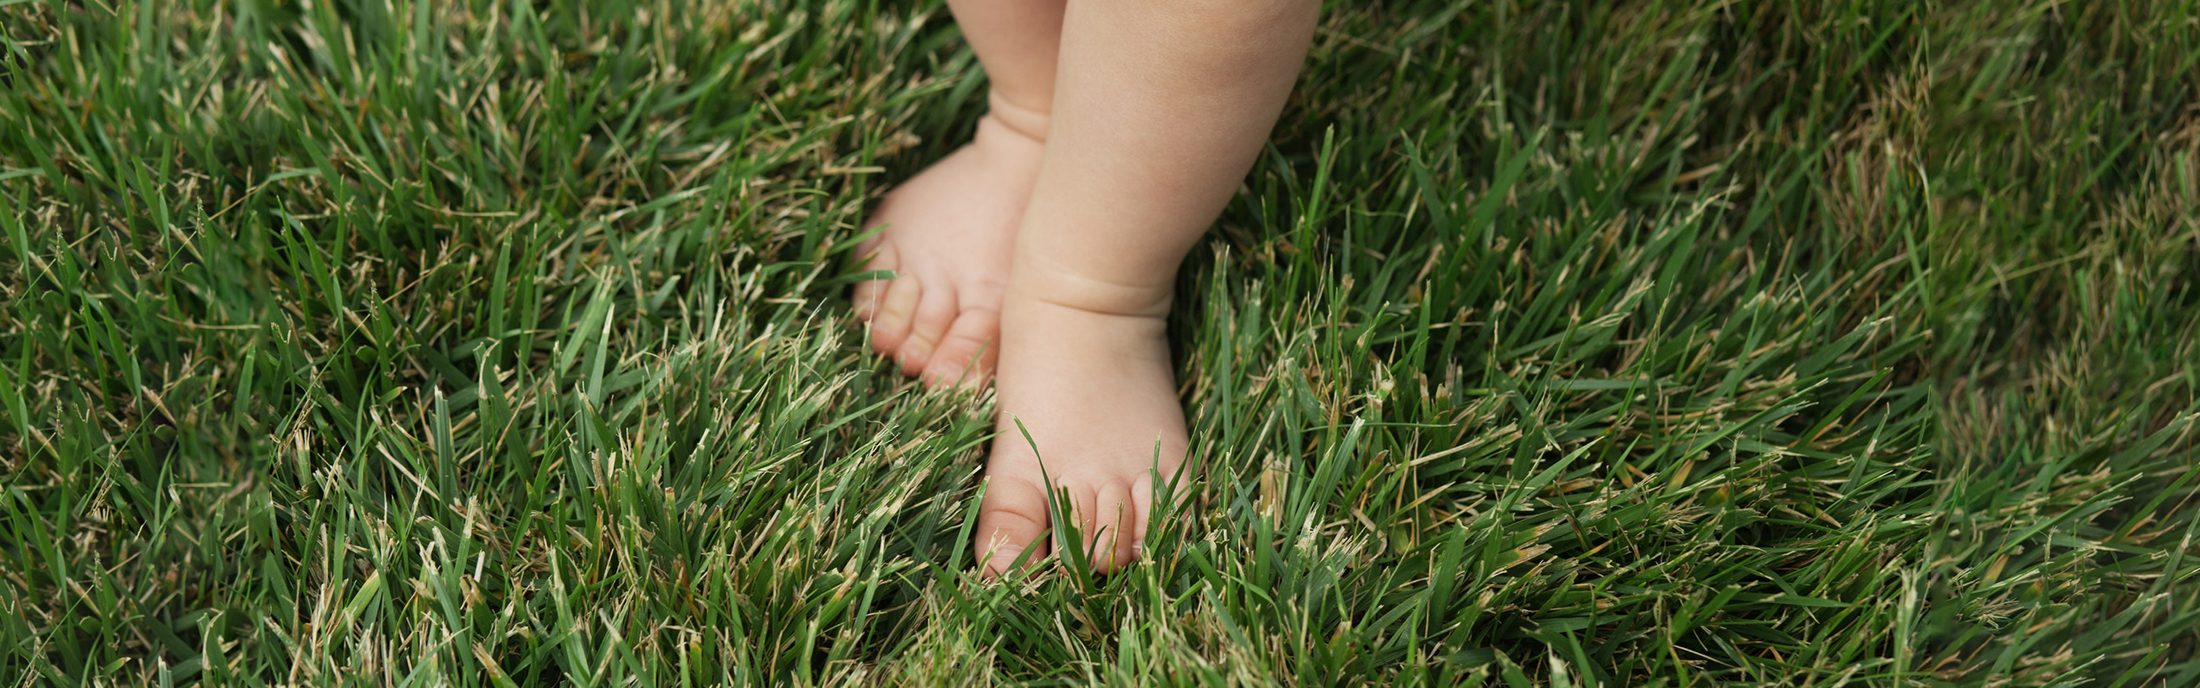 Первые шаги в правильной обуви